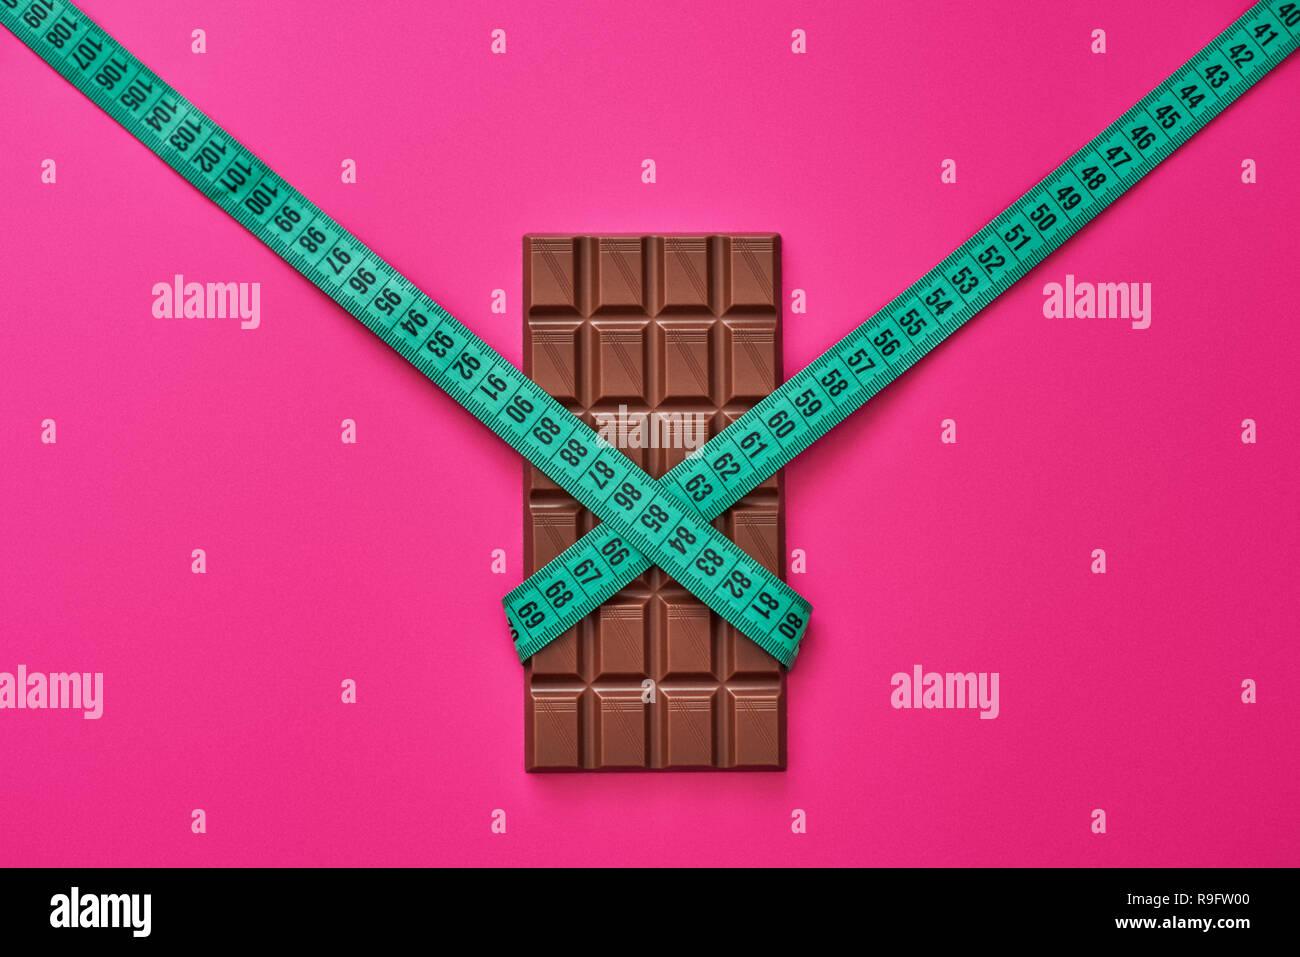 Résister aux tentations. Barre de chocolat emballés avec du ruban de mesure isolé sur fond rose Photo Stock